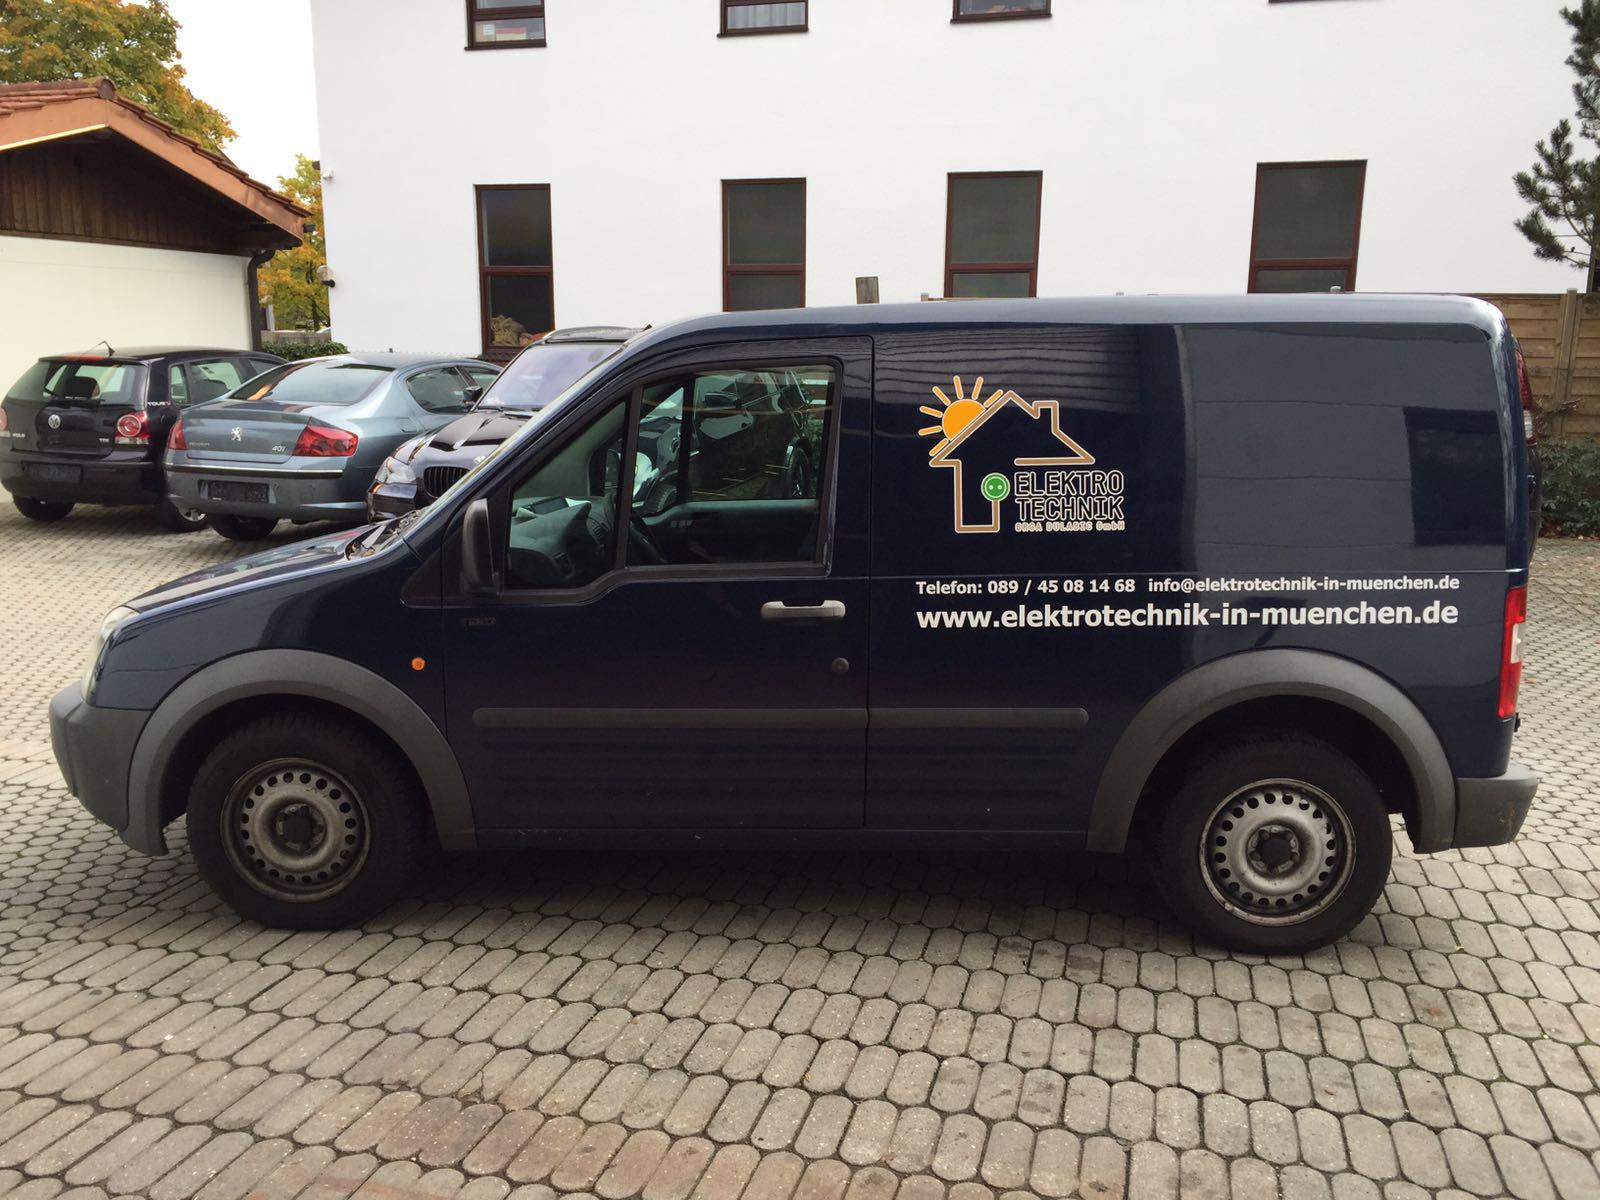 Autobeschriftung_Folie_Beklebung_Branding_Ingolstadt_6